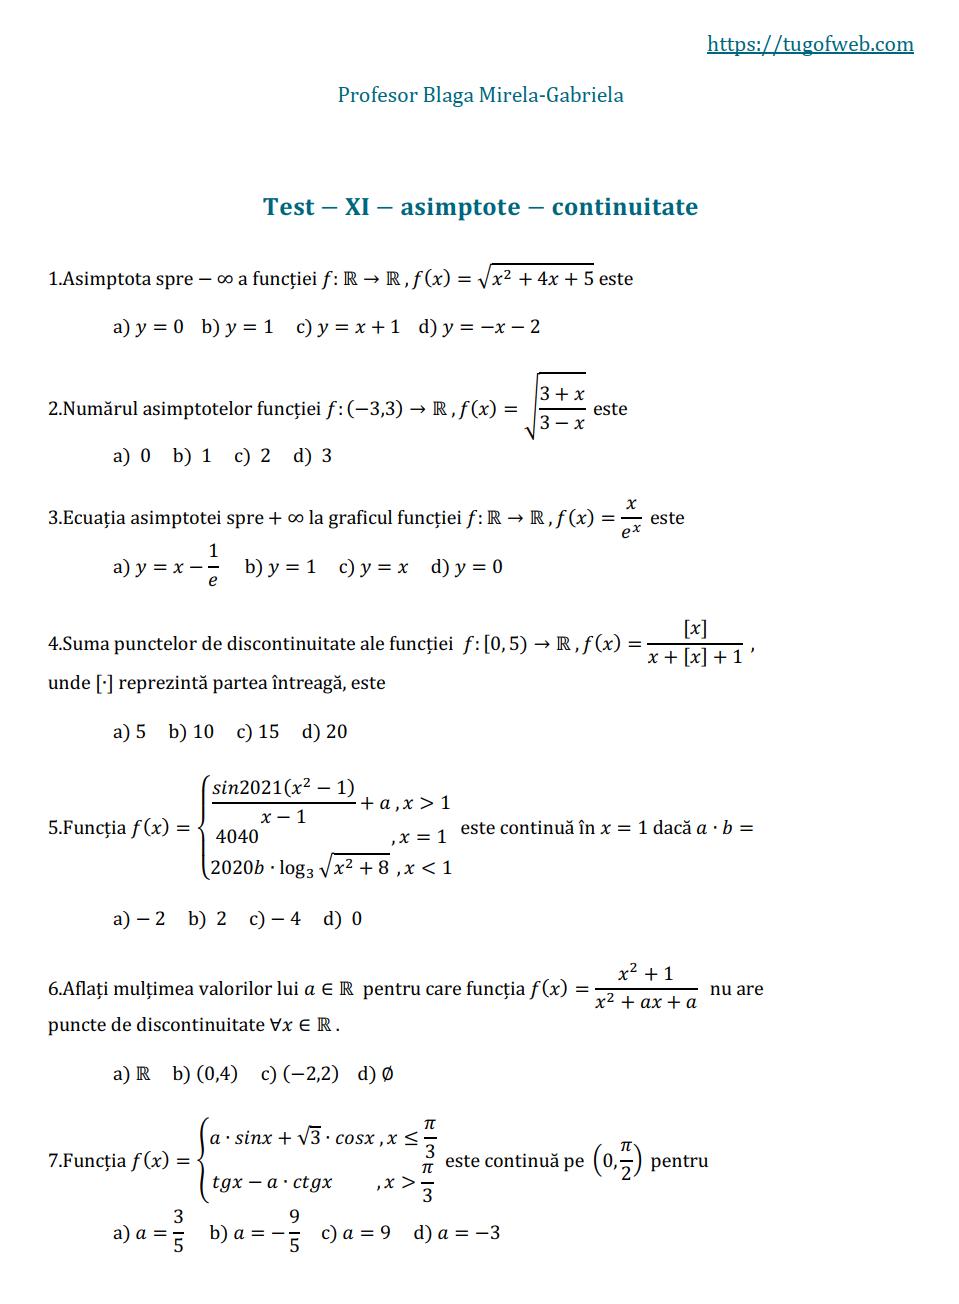 11_asimptote_continuitate_2_grile_Blaga